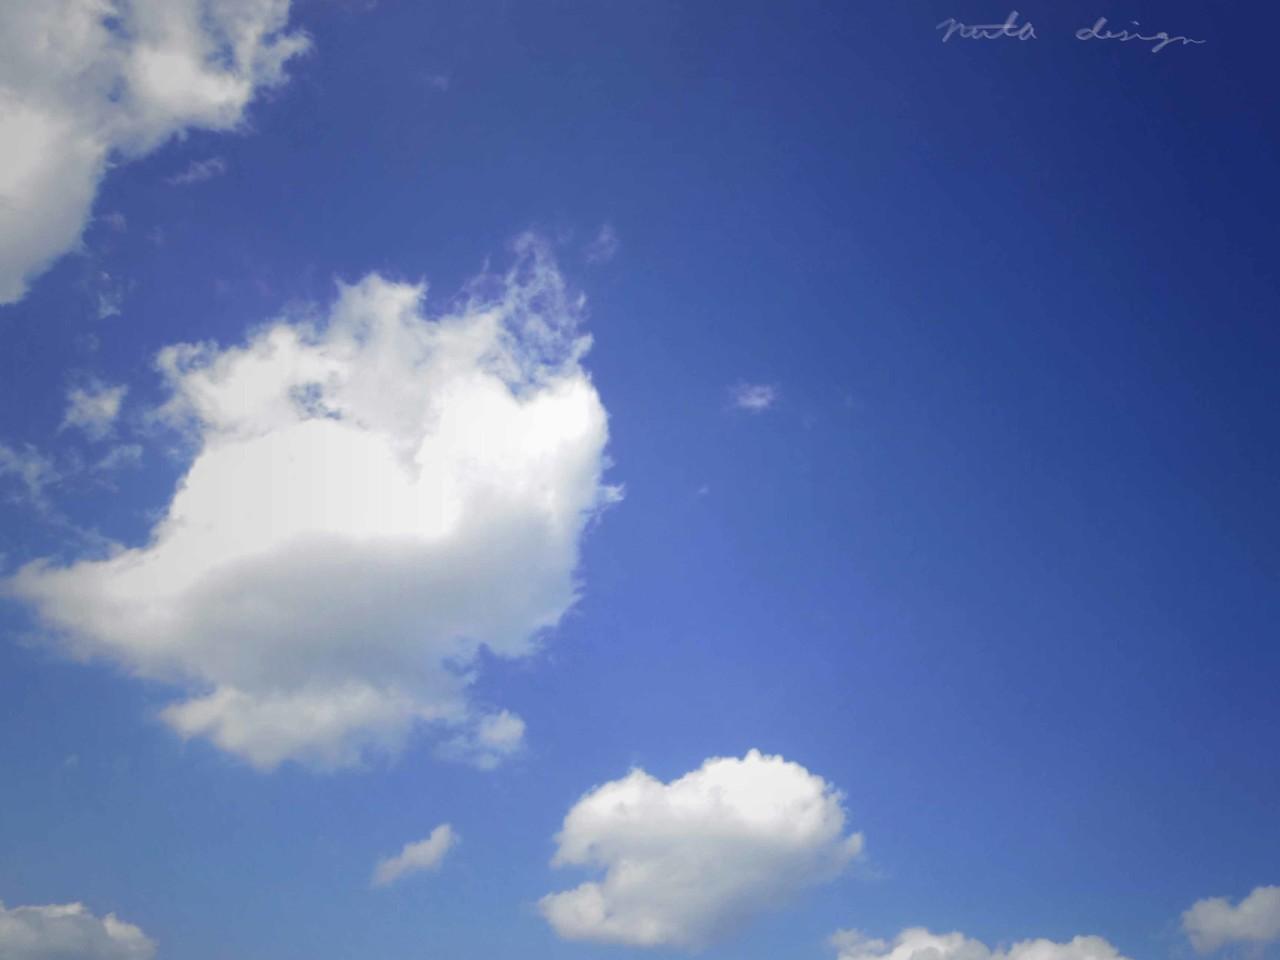 ぽっかりと浮いた雲。ああ。あったかい。花粉。